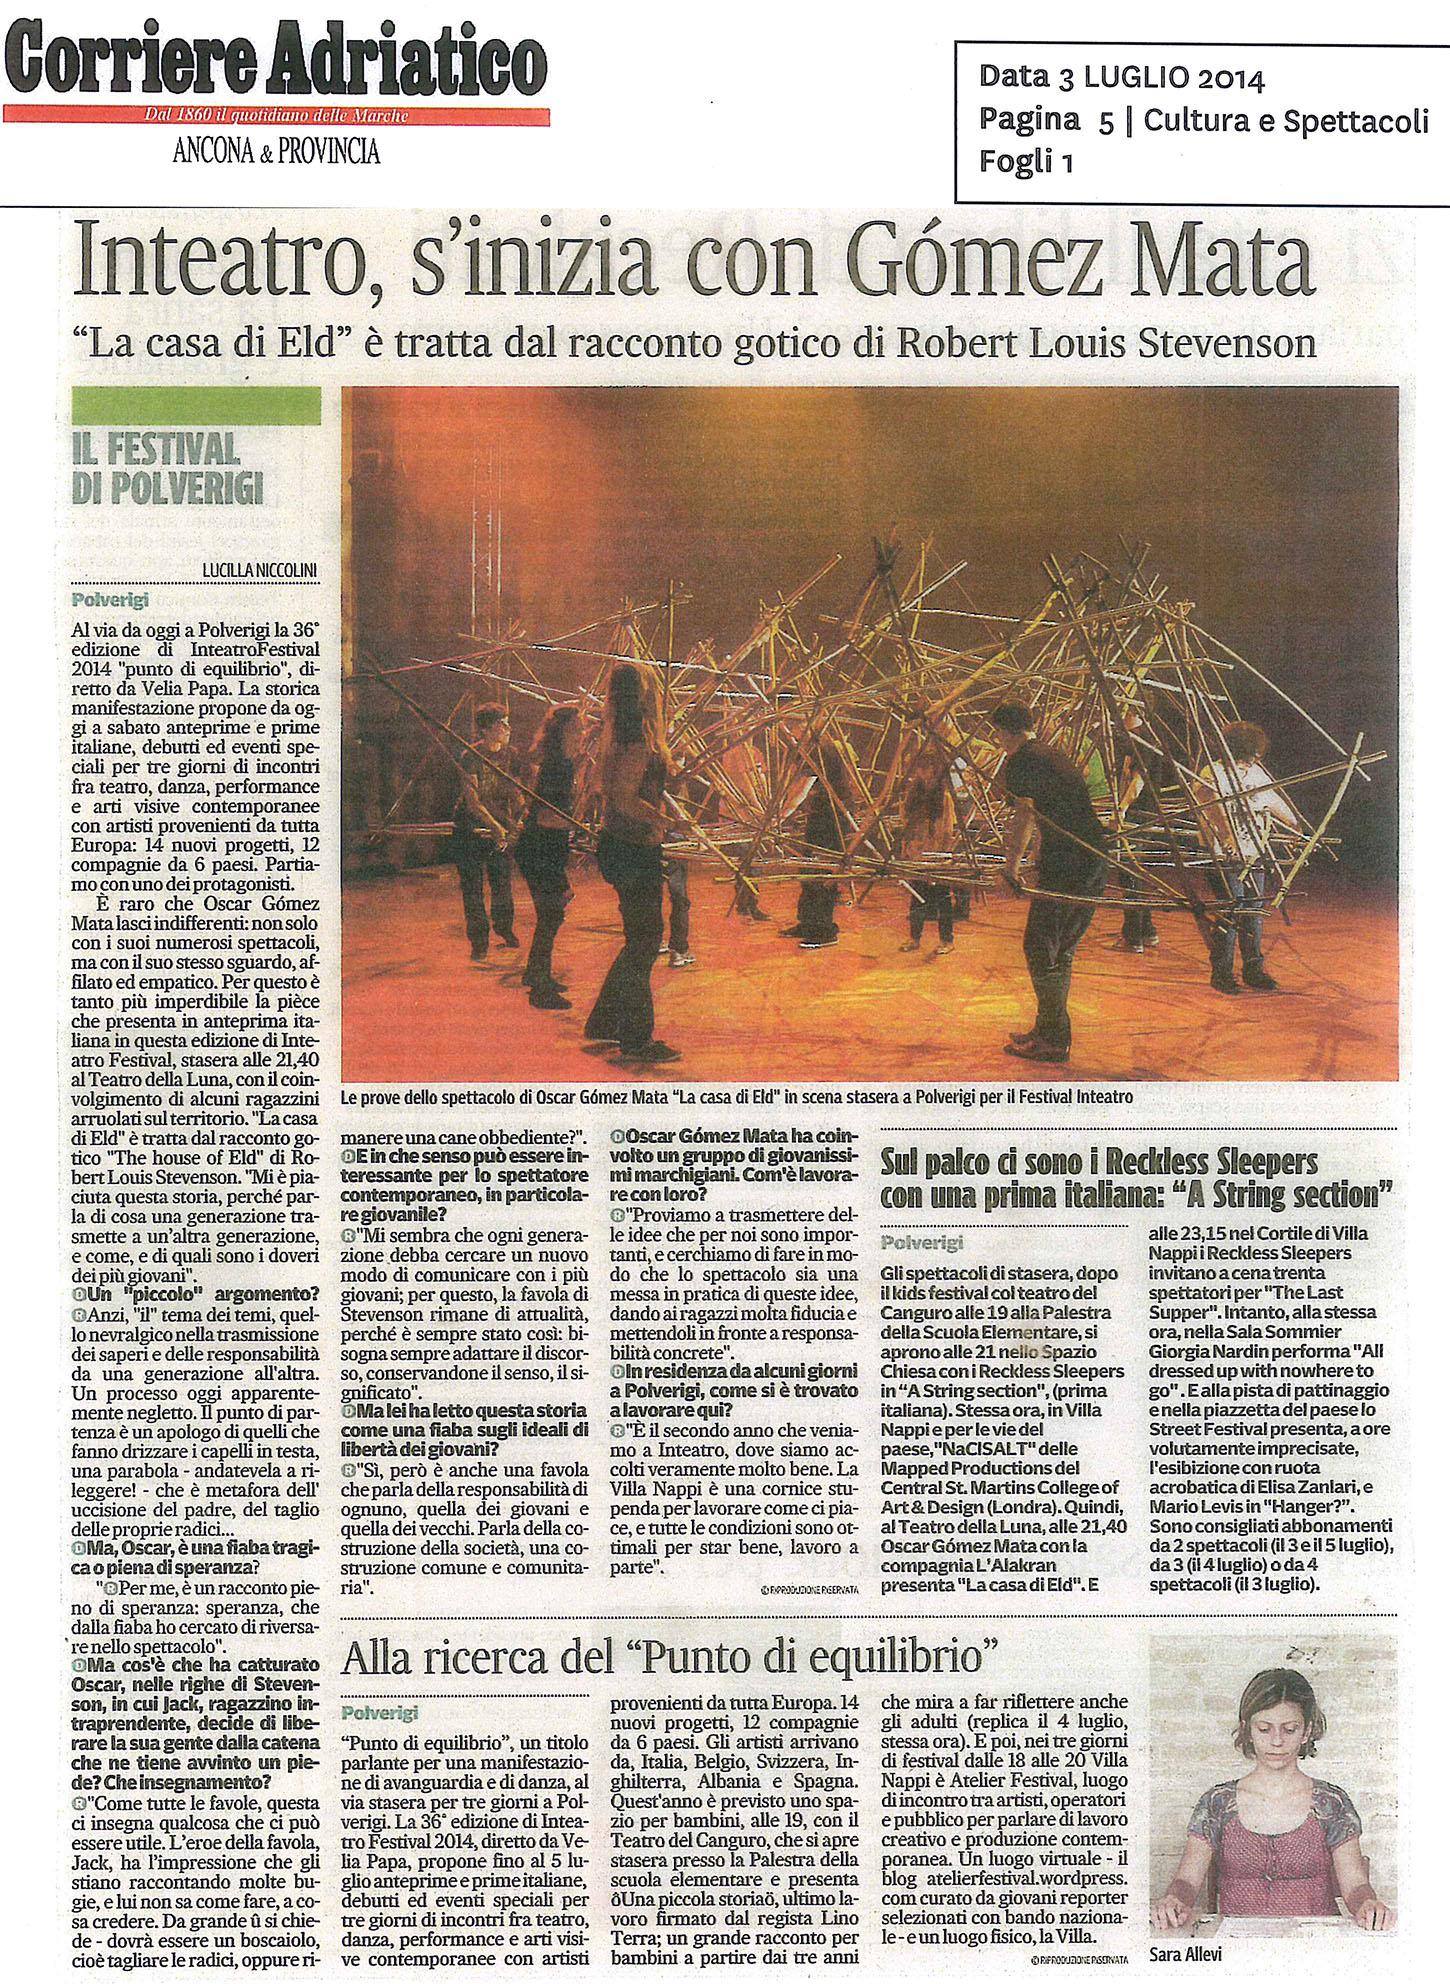 2014.07.03 Inteatro, s'inizia con Gomez Mata - Corriere Adriatico